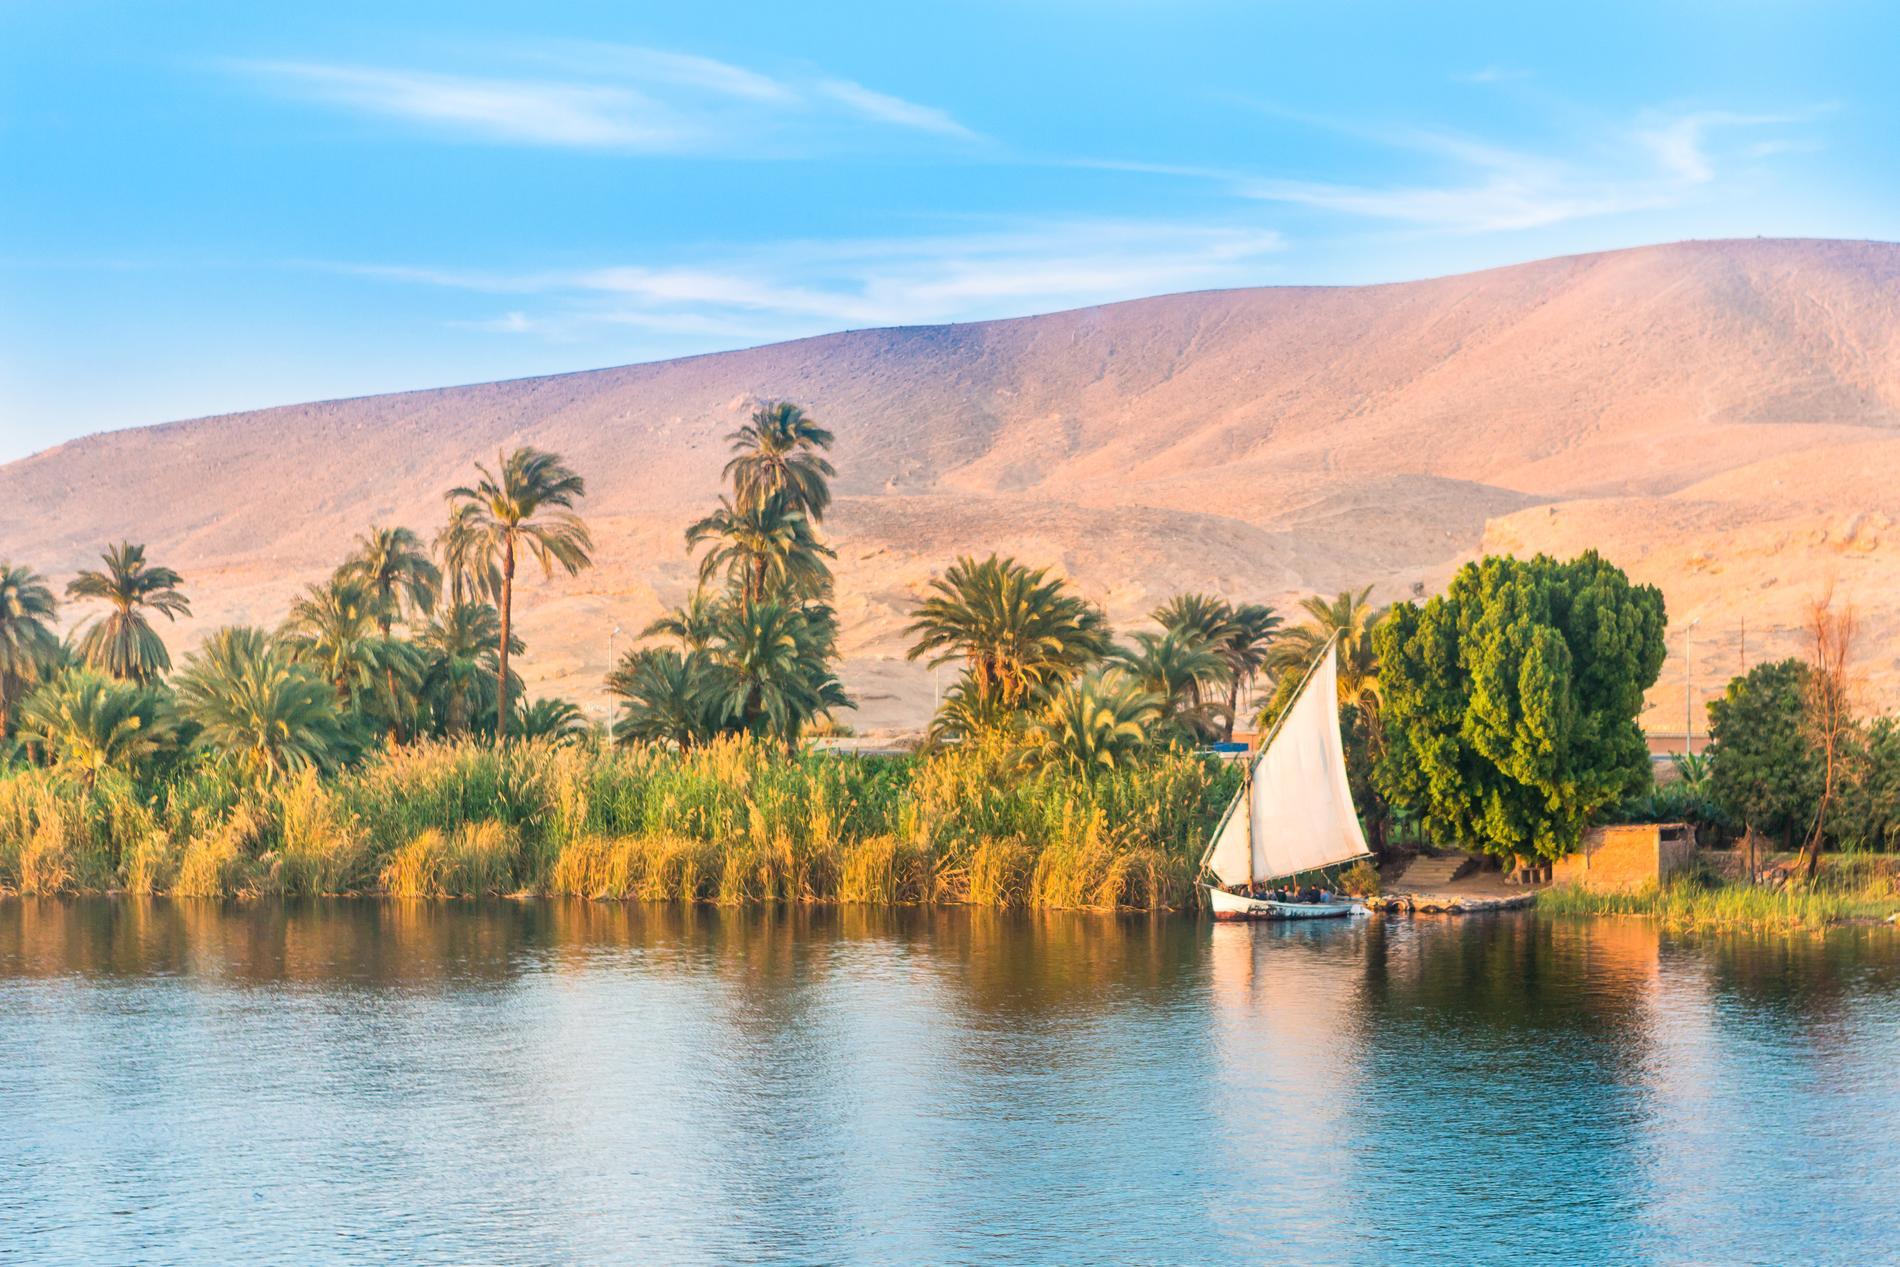 Nilens färger blir en kontrast till sanden runt floden.